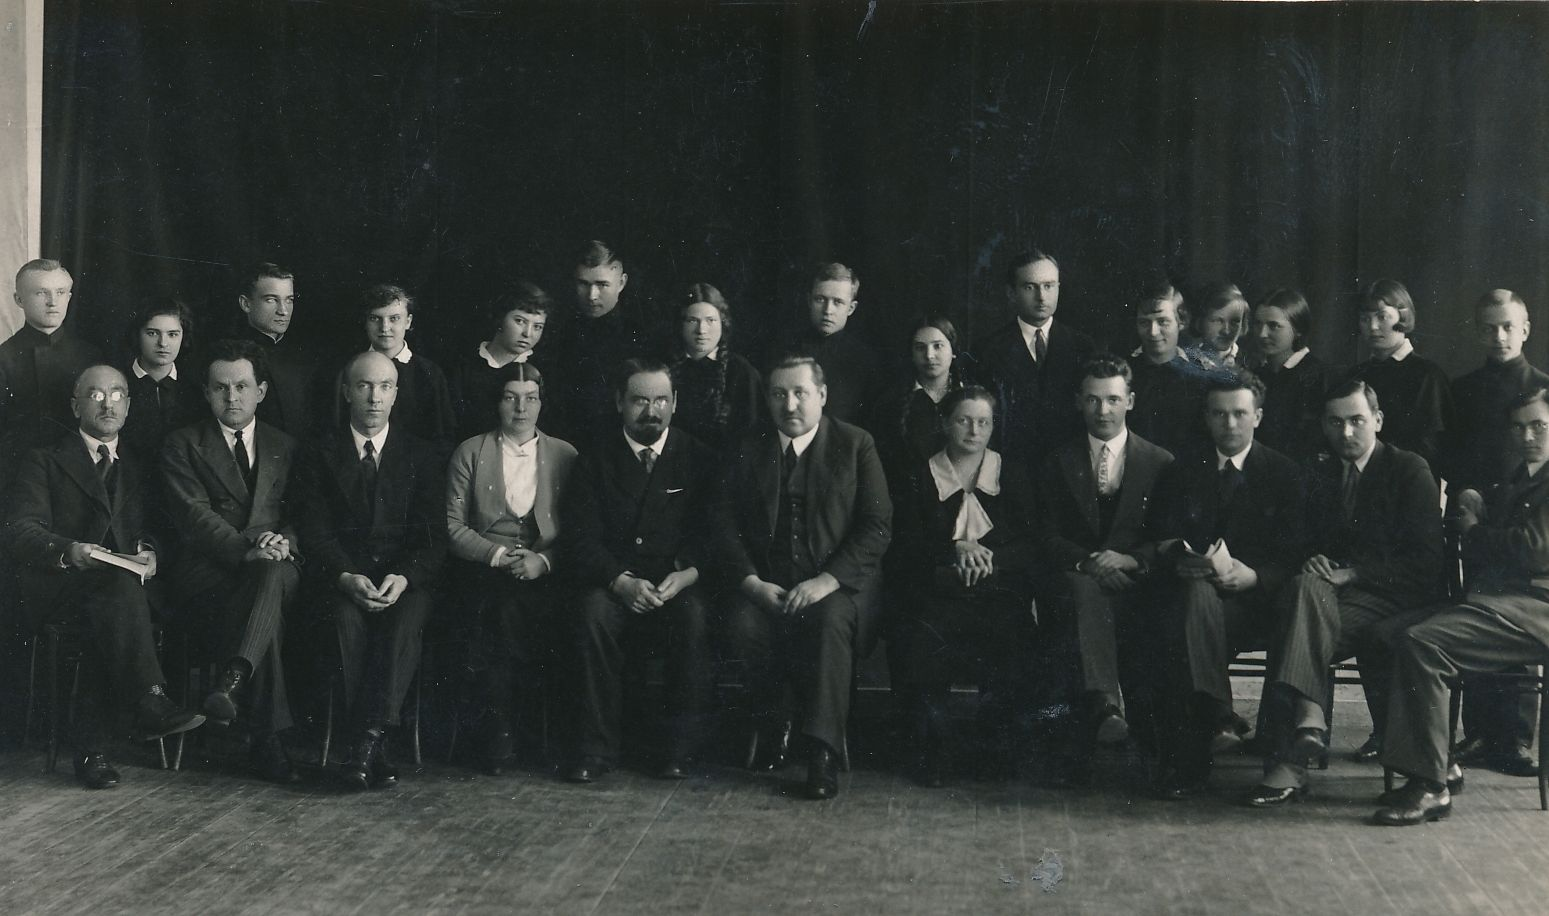 Rokiškio gimnazijos mokytojai ir moksleiviai. Pirmoje eilėje iš kairės 5-as Stasys Naginskas. Fotogr. Ch. Šneidermano. Rokiškis, 1932–[1935]. Panevėžio apskrities Gabrielės Petkevičaitės-Bitės viešoji biblioteka, Laimos Rapšytės rankraščių fondas F70-770